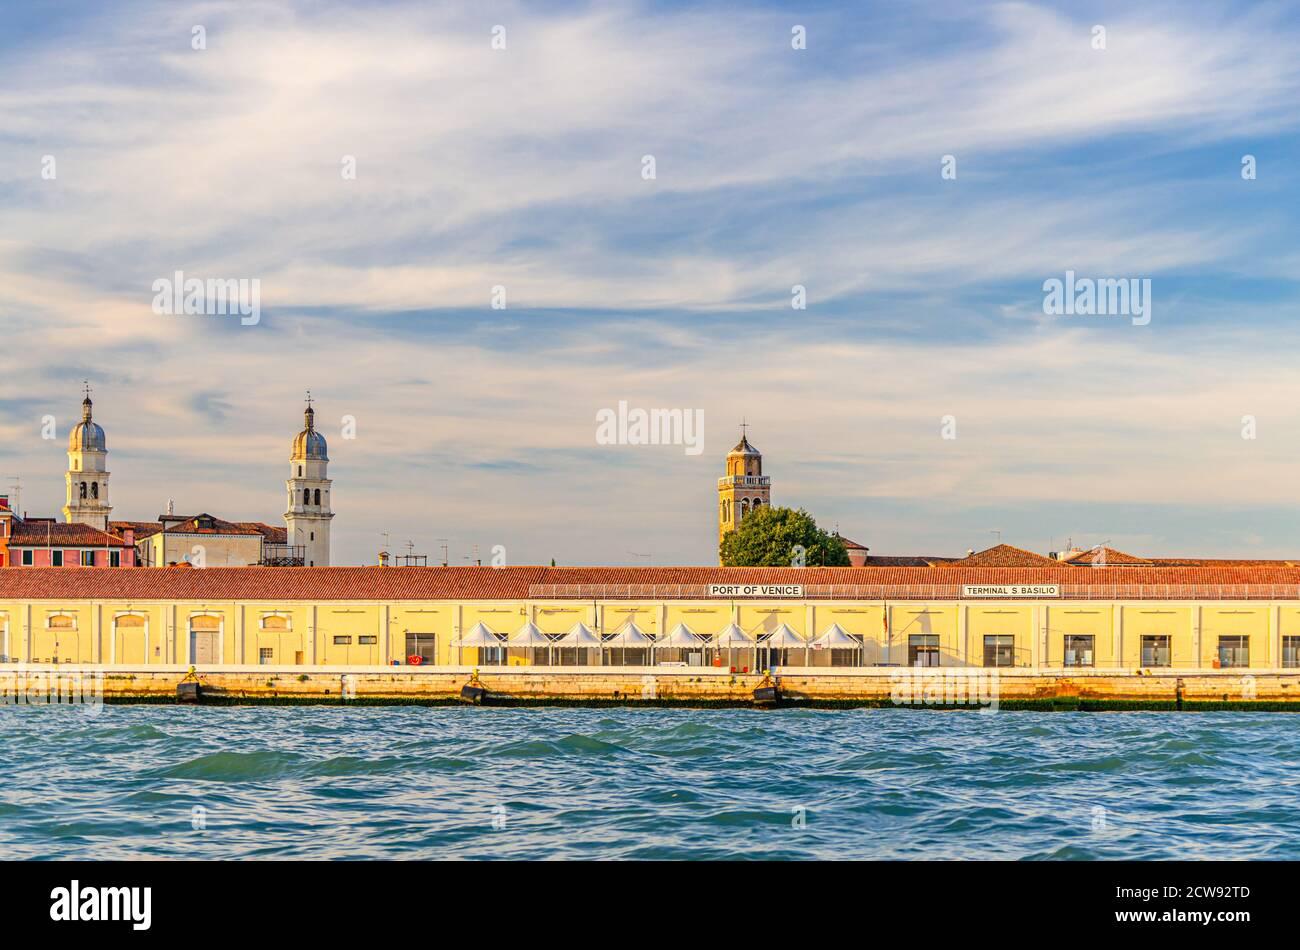 Porto di Venezia sul terrapieno di Fondamenta Zattere nel centro storico di Dorsoduro sestiere, vista dalle acque del canale della Giudecca, Veneto, Italia Foto Stock